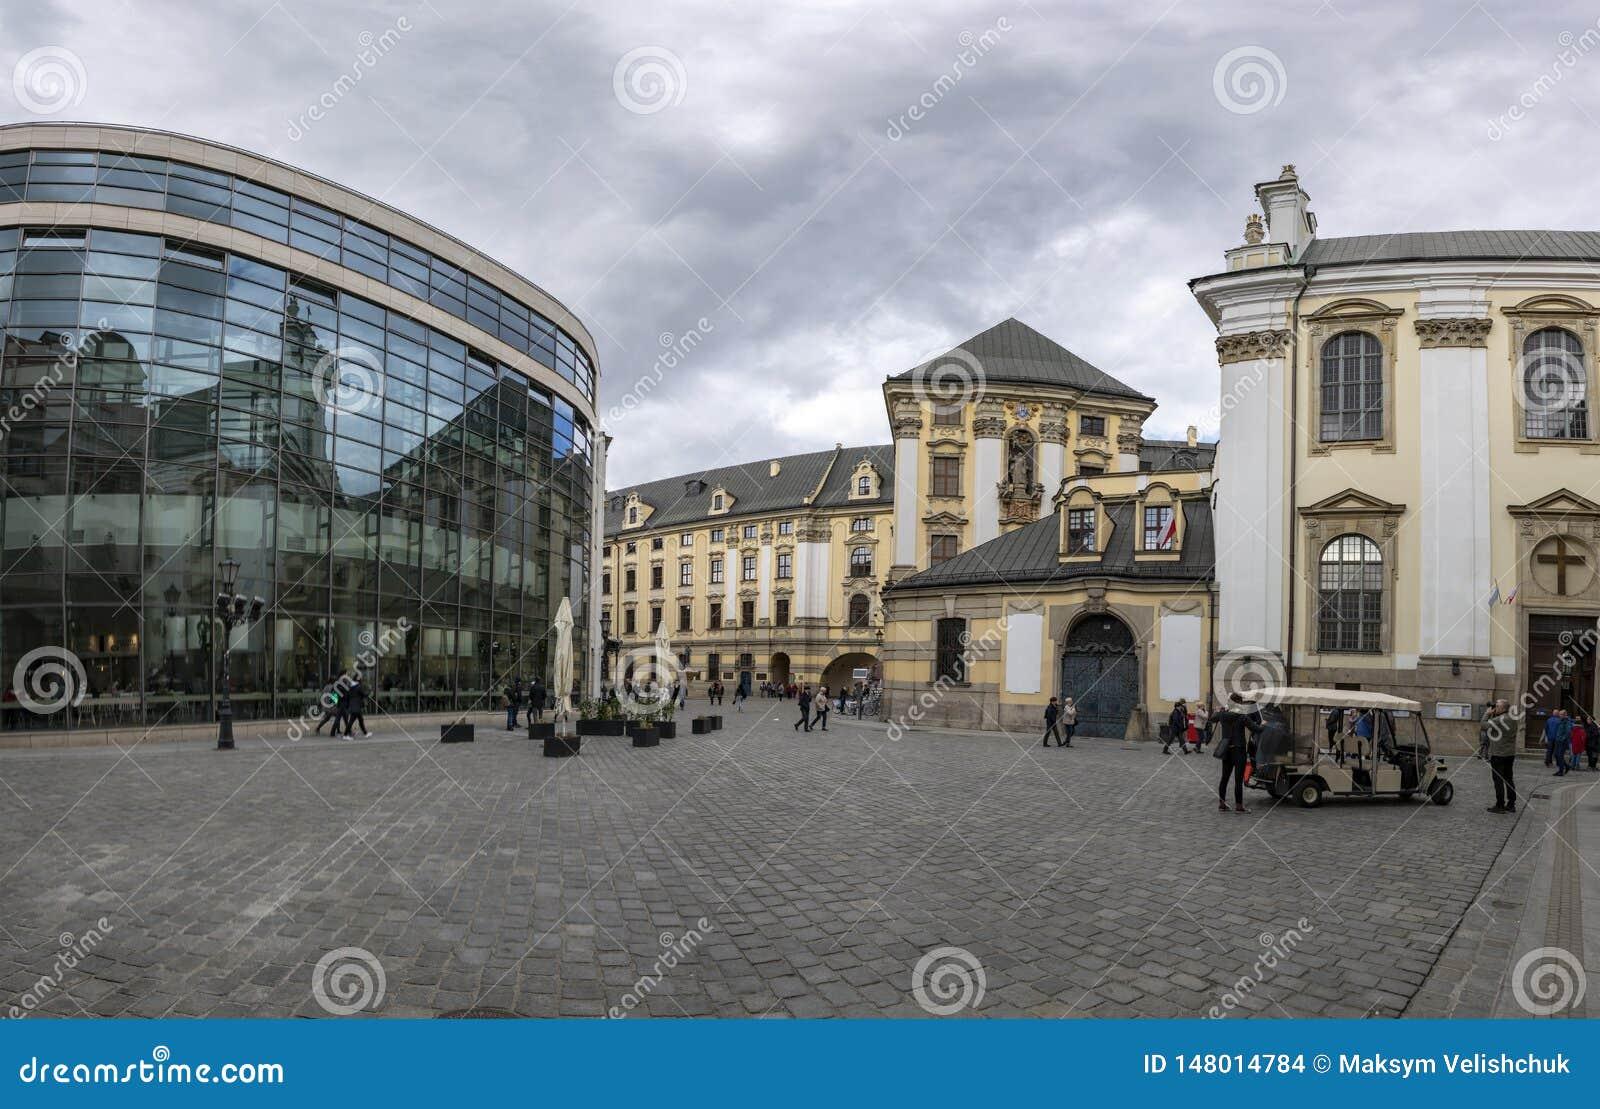 Breslau, Polen - 3. Mai 2019: Kathedrale von Johannes in Breslau, wei?e Wolken des Landschaftsfr?hlingstagesblauen Himmels